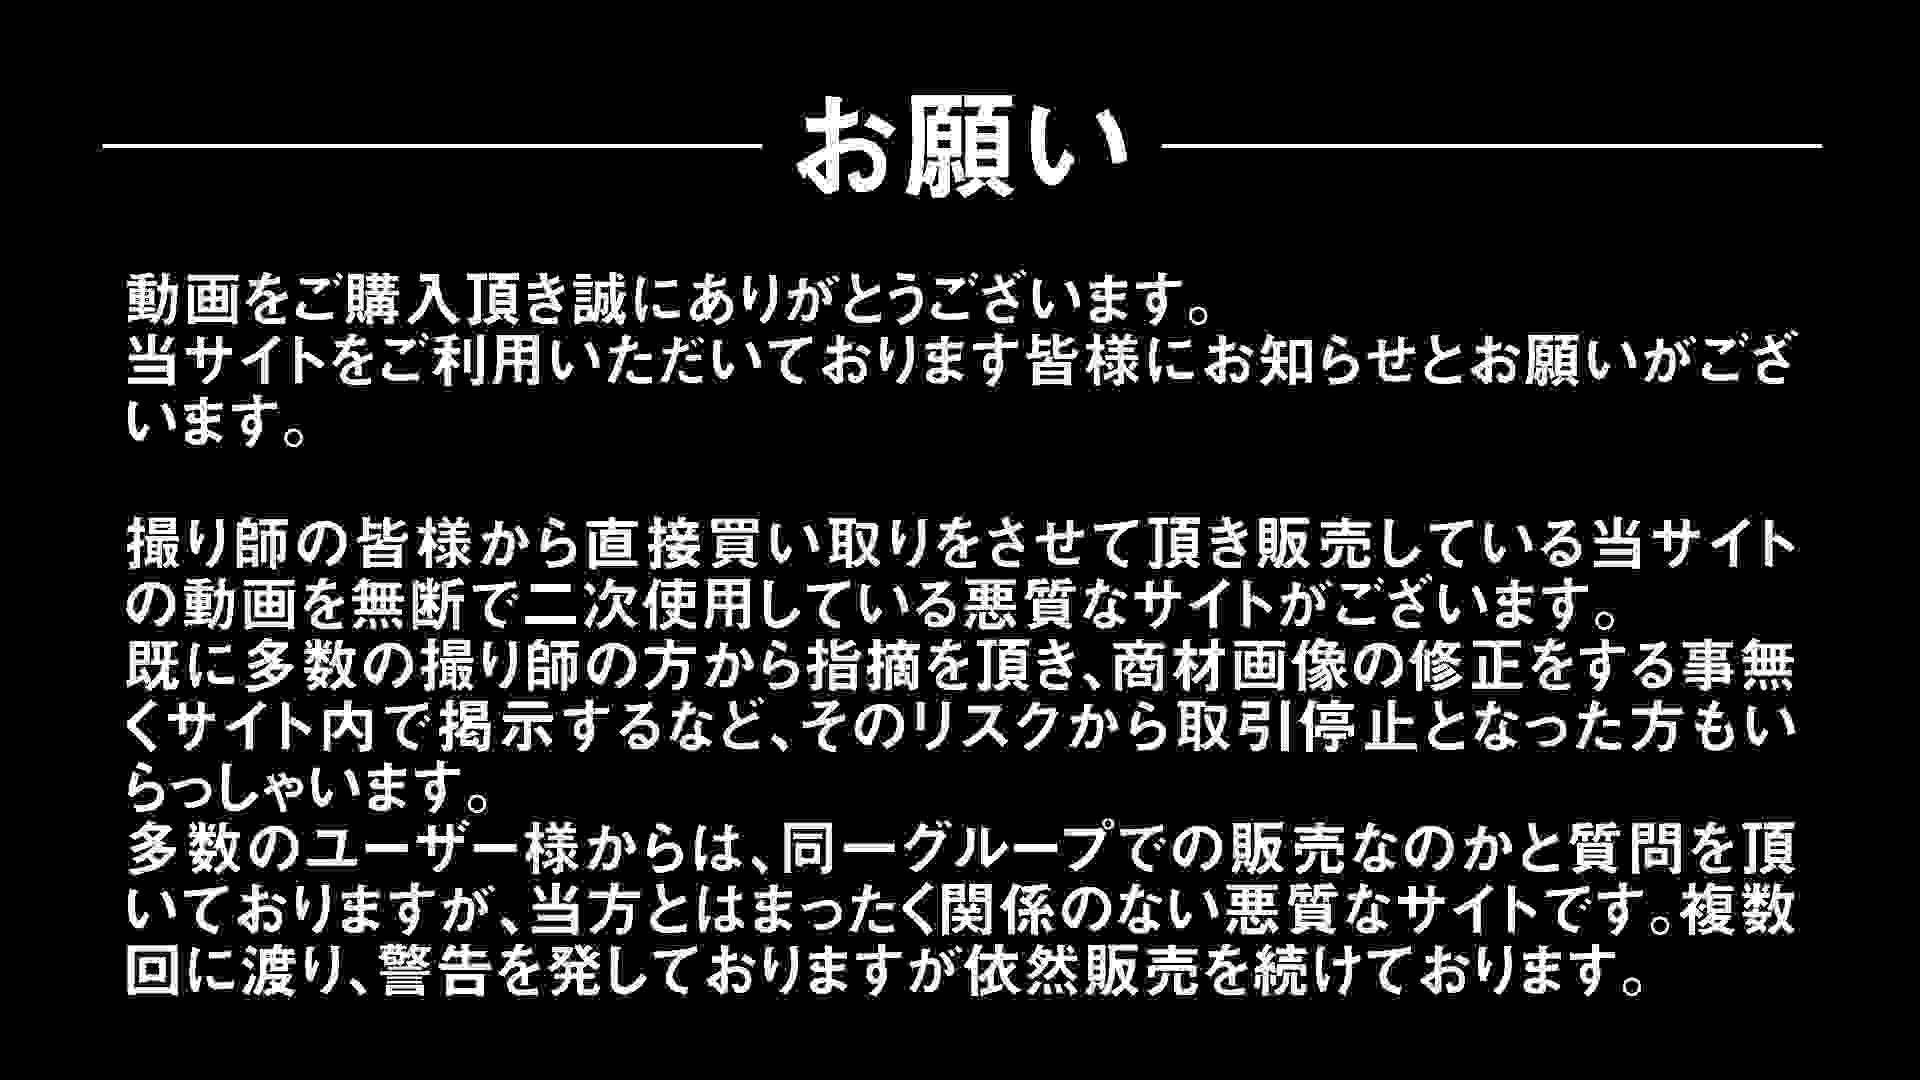 Aquaな露天風呂Vol.299 盗撮シリーズ  82PIX 2